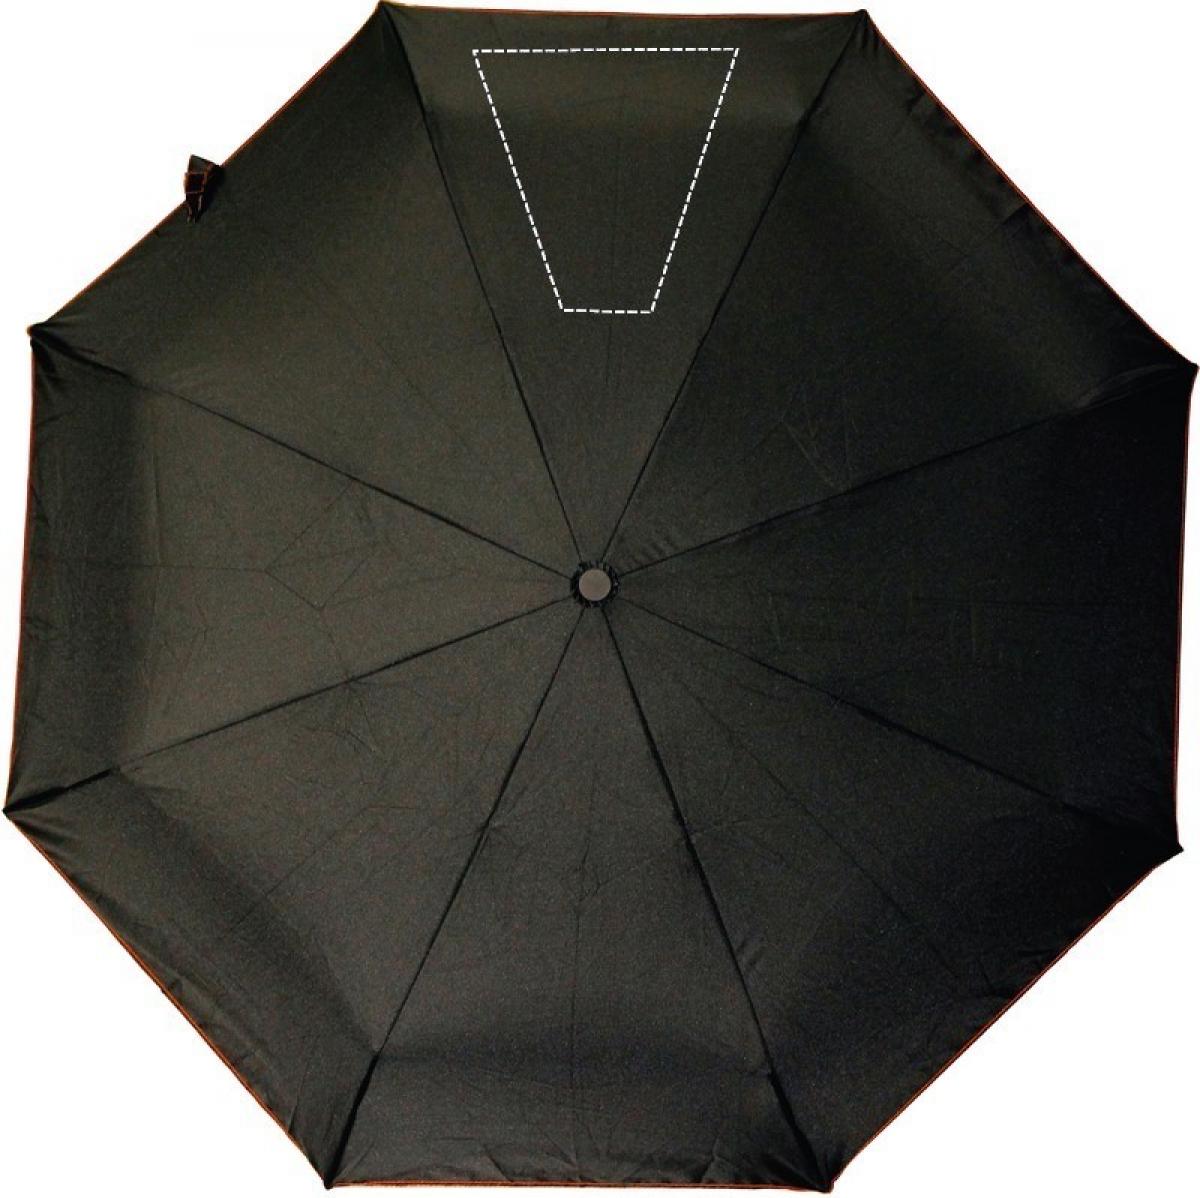 Skye foldable opvouwbare paraplu - Panel 2